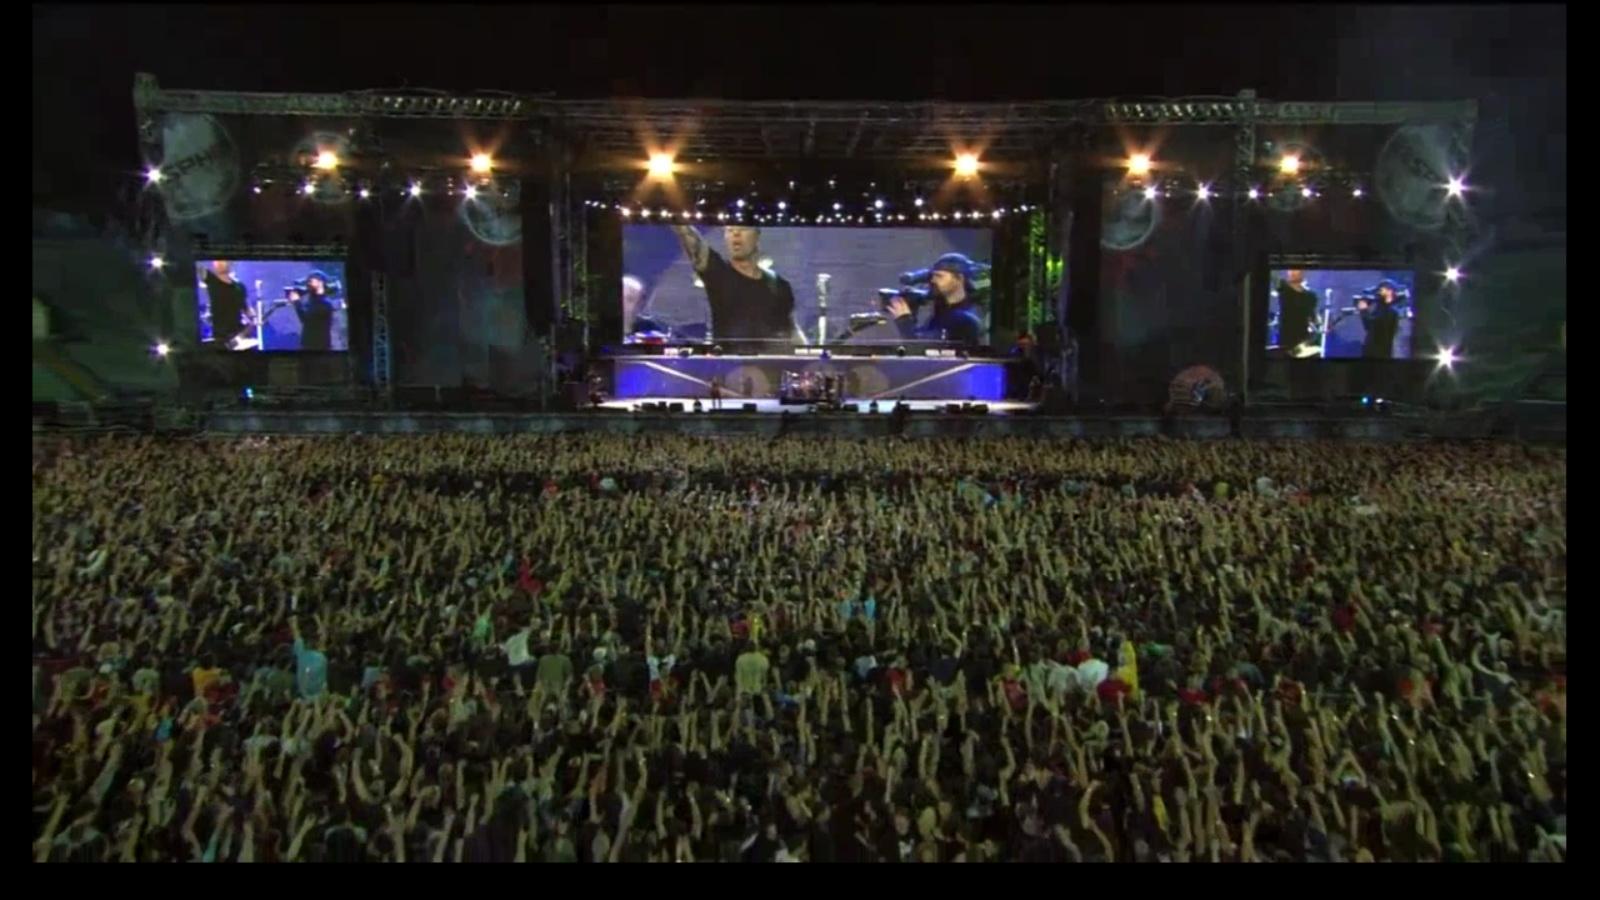 http://3.bp.blogspot.com/_uAGqOSyGDCM/TSFdgN07FTI/AAAAAAAAA0Y/84_hVI3akPw/s1600/Metallica.jpg